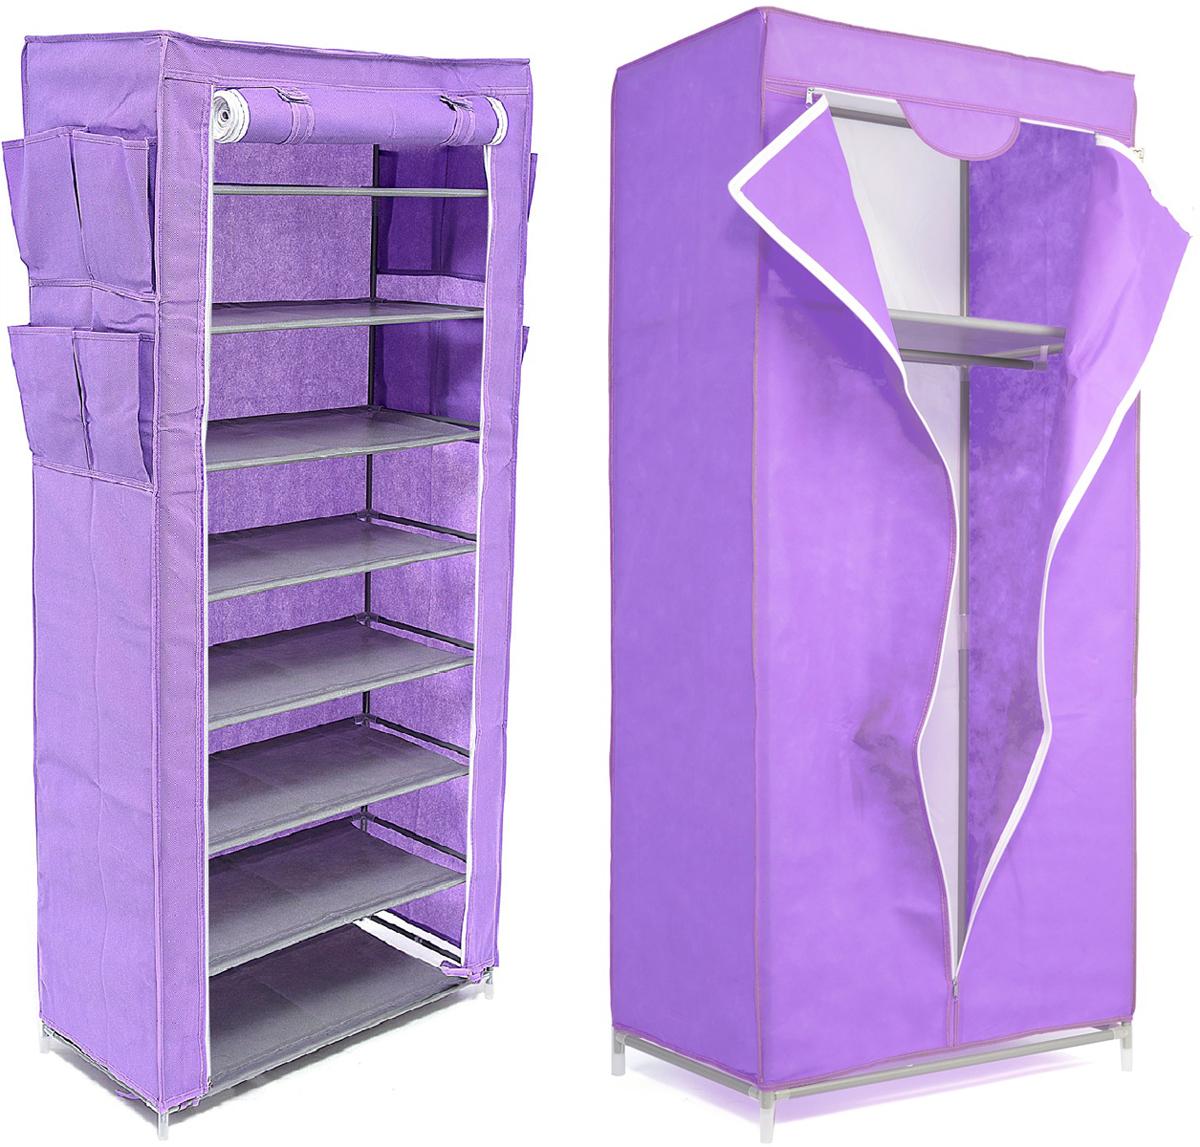 Набор кофров для хранения Homsu, цвет: фиолетовый, 2 предмета1004900000360Уникальный дизайн этого комплекта станет настоящим украшением для любого интерьера. Практичная составляющая подобной мебели также вне сомнений. Лёгкие и прочные устойчивые конструкции из каркасов и тканевой обивки могут быть легко собраны вами без посторонней помощи, буквально за несколько минут.Такая мебель будет всегда удобной и максимально практичной, ведь верхнюю тканевую часть при надобности можно всегда постирать либо же попросту поменять на аналогичную другого цвета. Кроме того, такие конструкции всегда будут отличным решением для того, кому по душе мобильность и постоянная смена обстановки. 680х450х1550; 600х300х1360